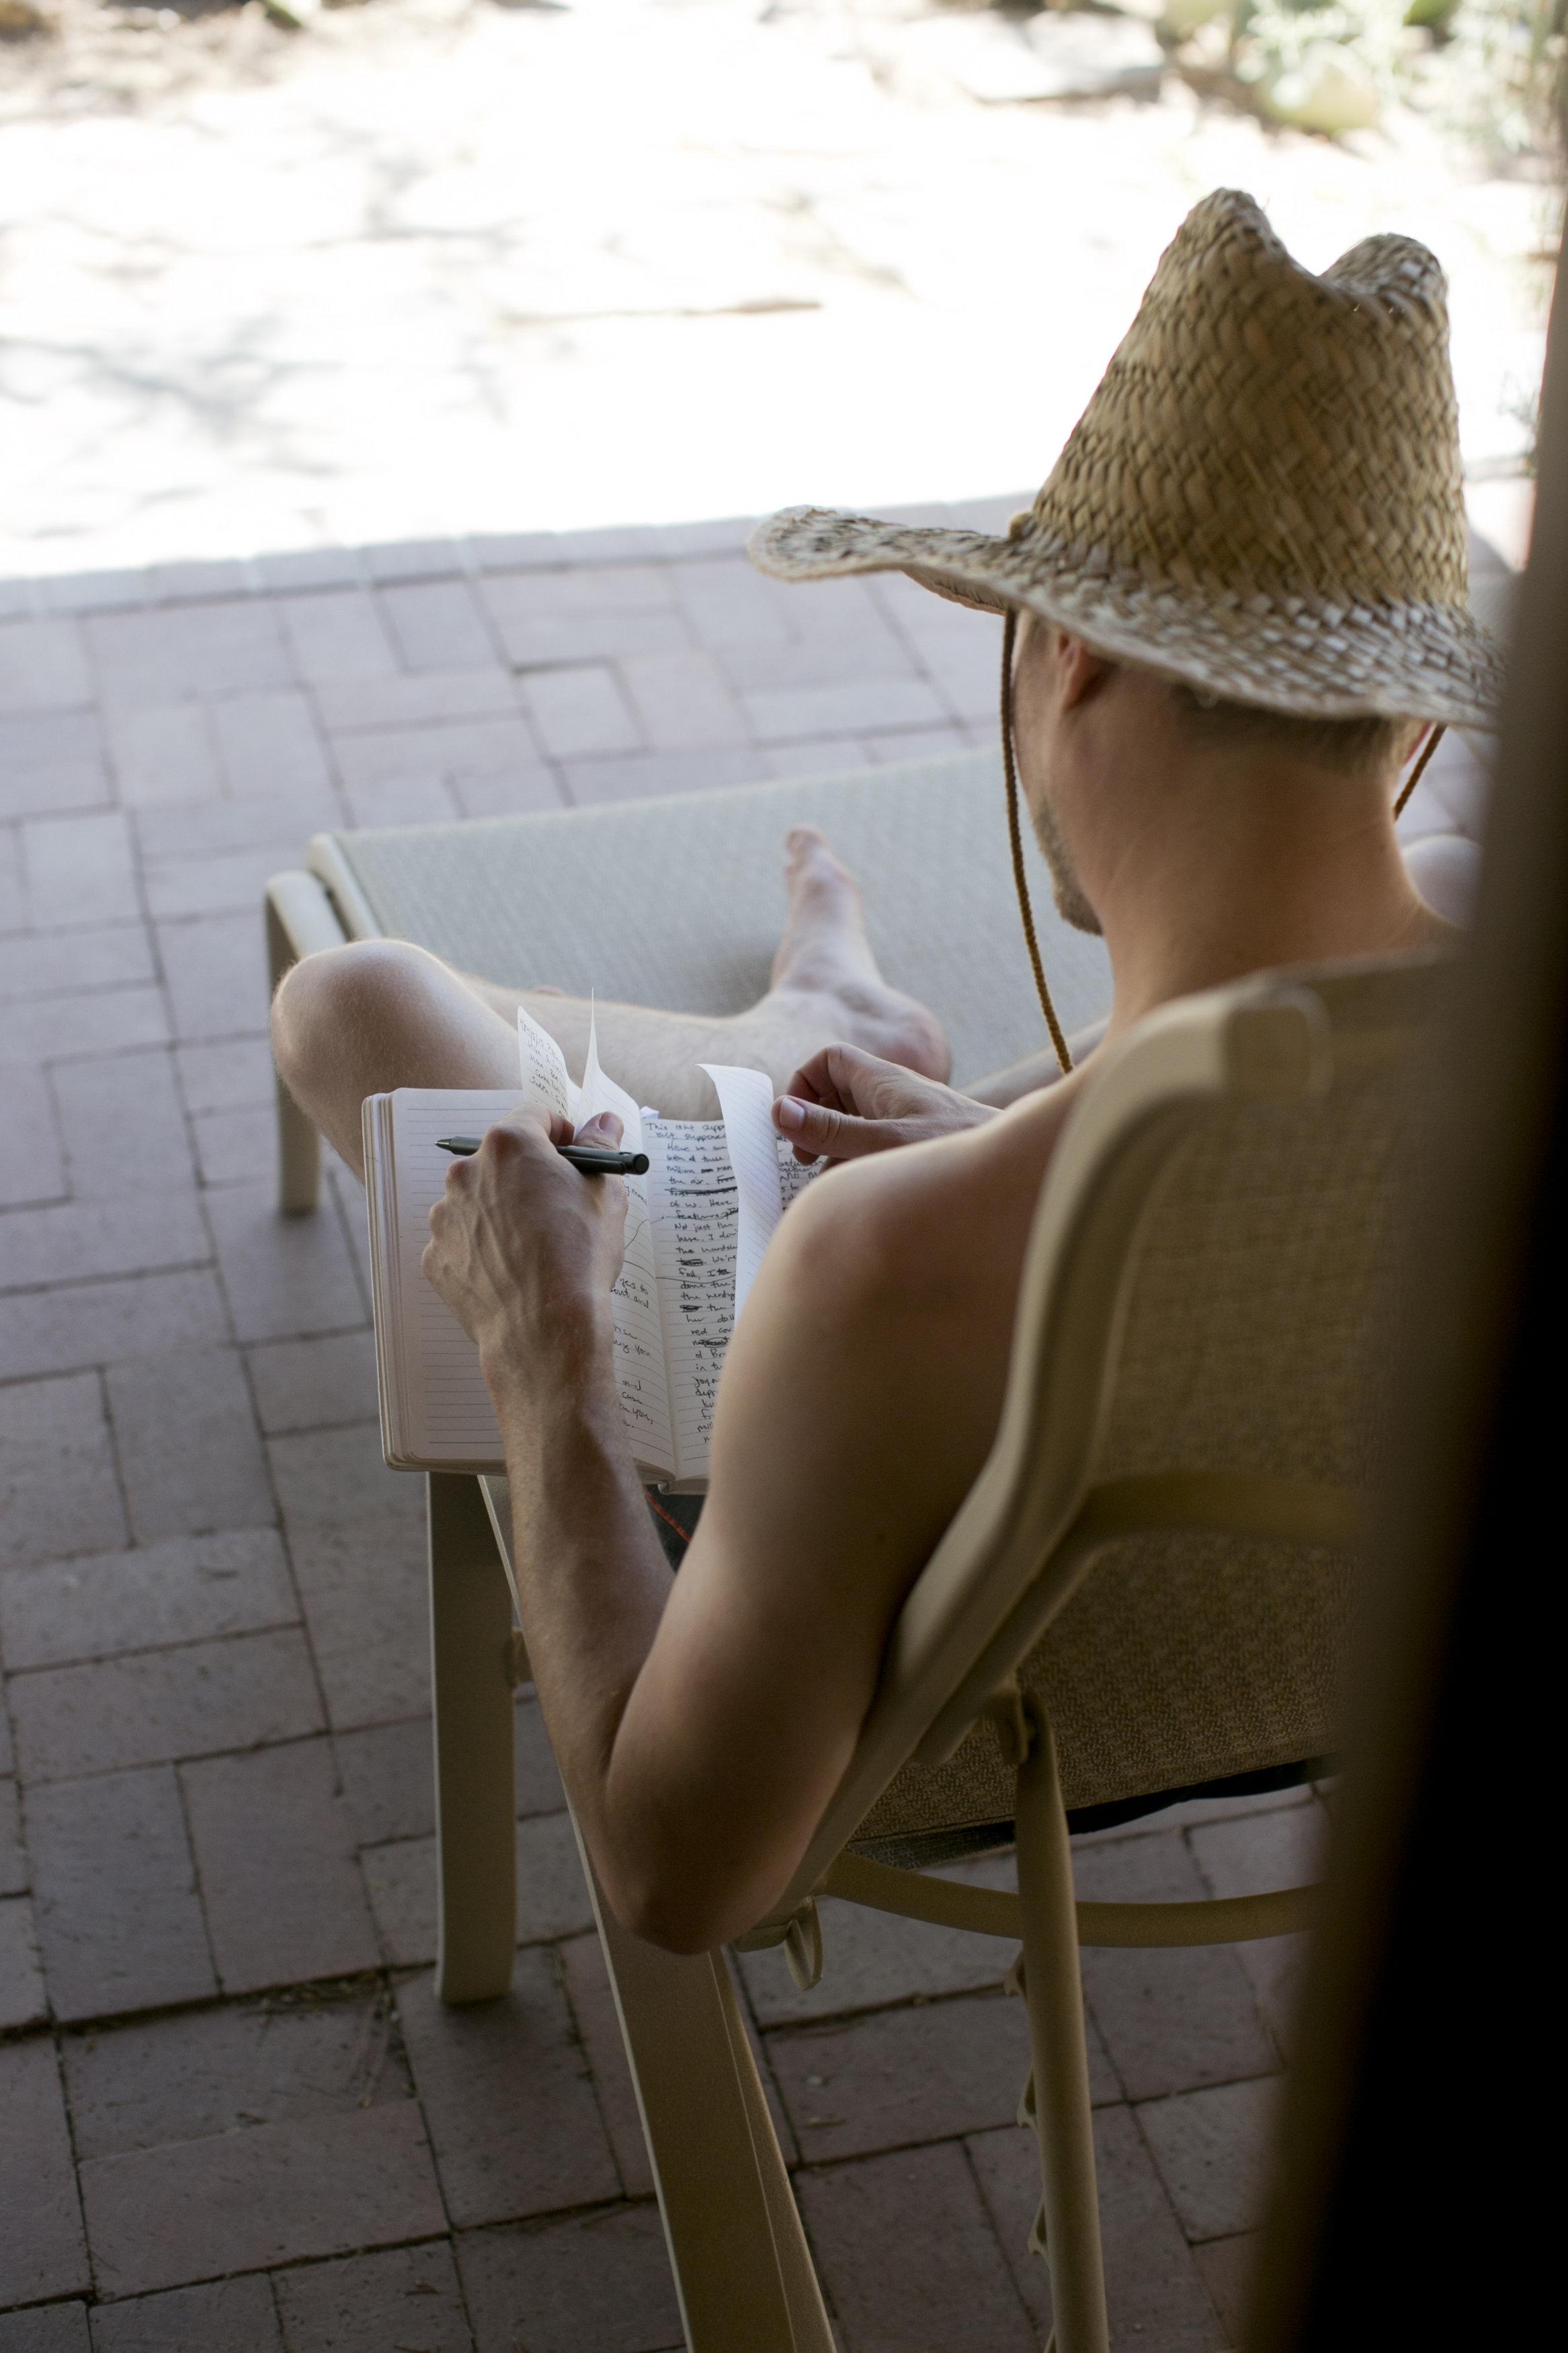 Ceci_New_York_Ceci_Style_Ceci_Johnson_Luxury_Lifestyle_Arizona_Wedding_Watercolor_Inspiration_Design_Custom_Couture_Personalized_Invitations_7.jpg